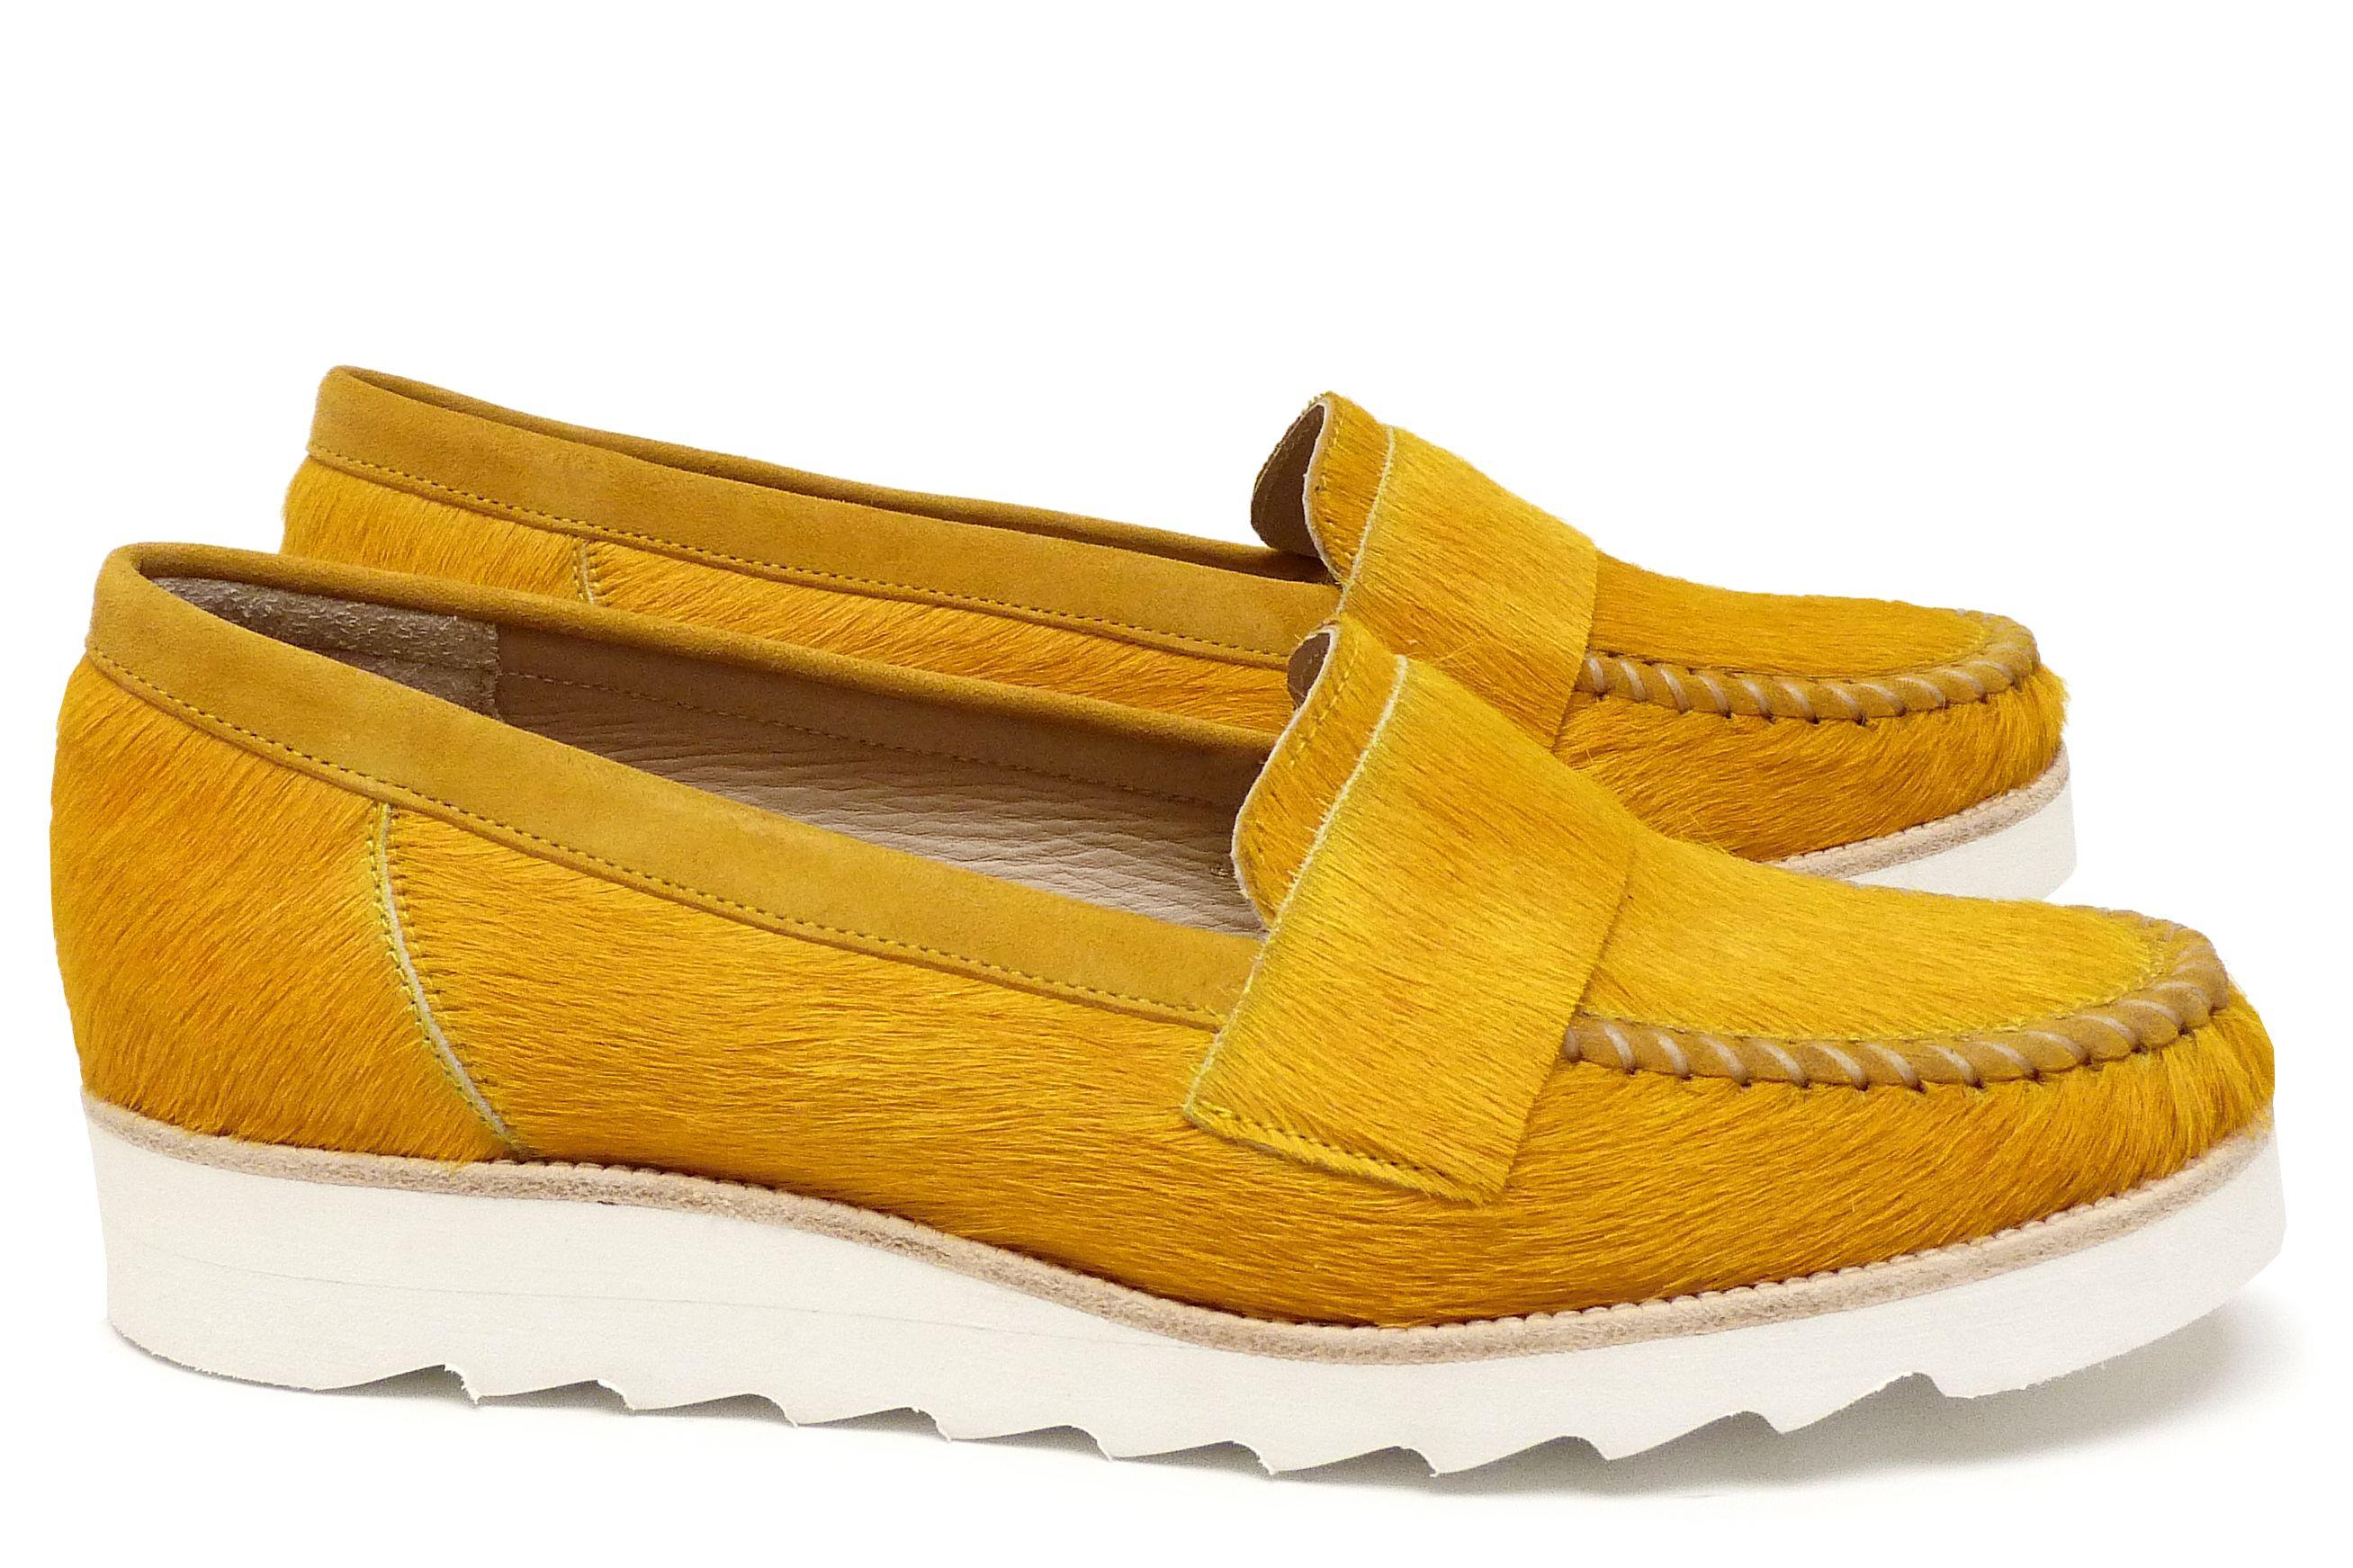 bb9b041d591c Chaussures Femme Mocassins Printemps Eté 2015 Maurice Manufacture BATHILDE  Cuir poil ras jaune soleil - Chevre